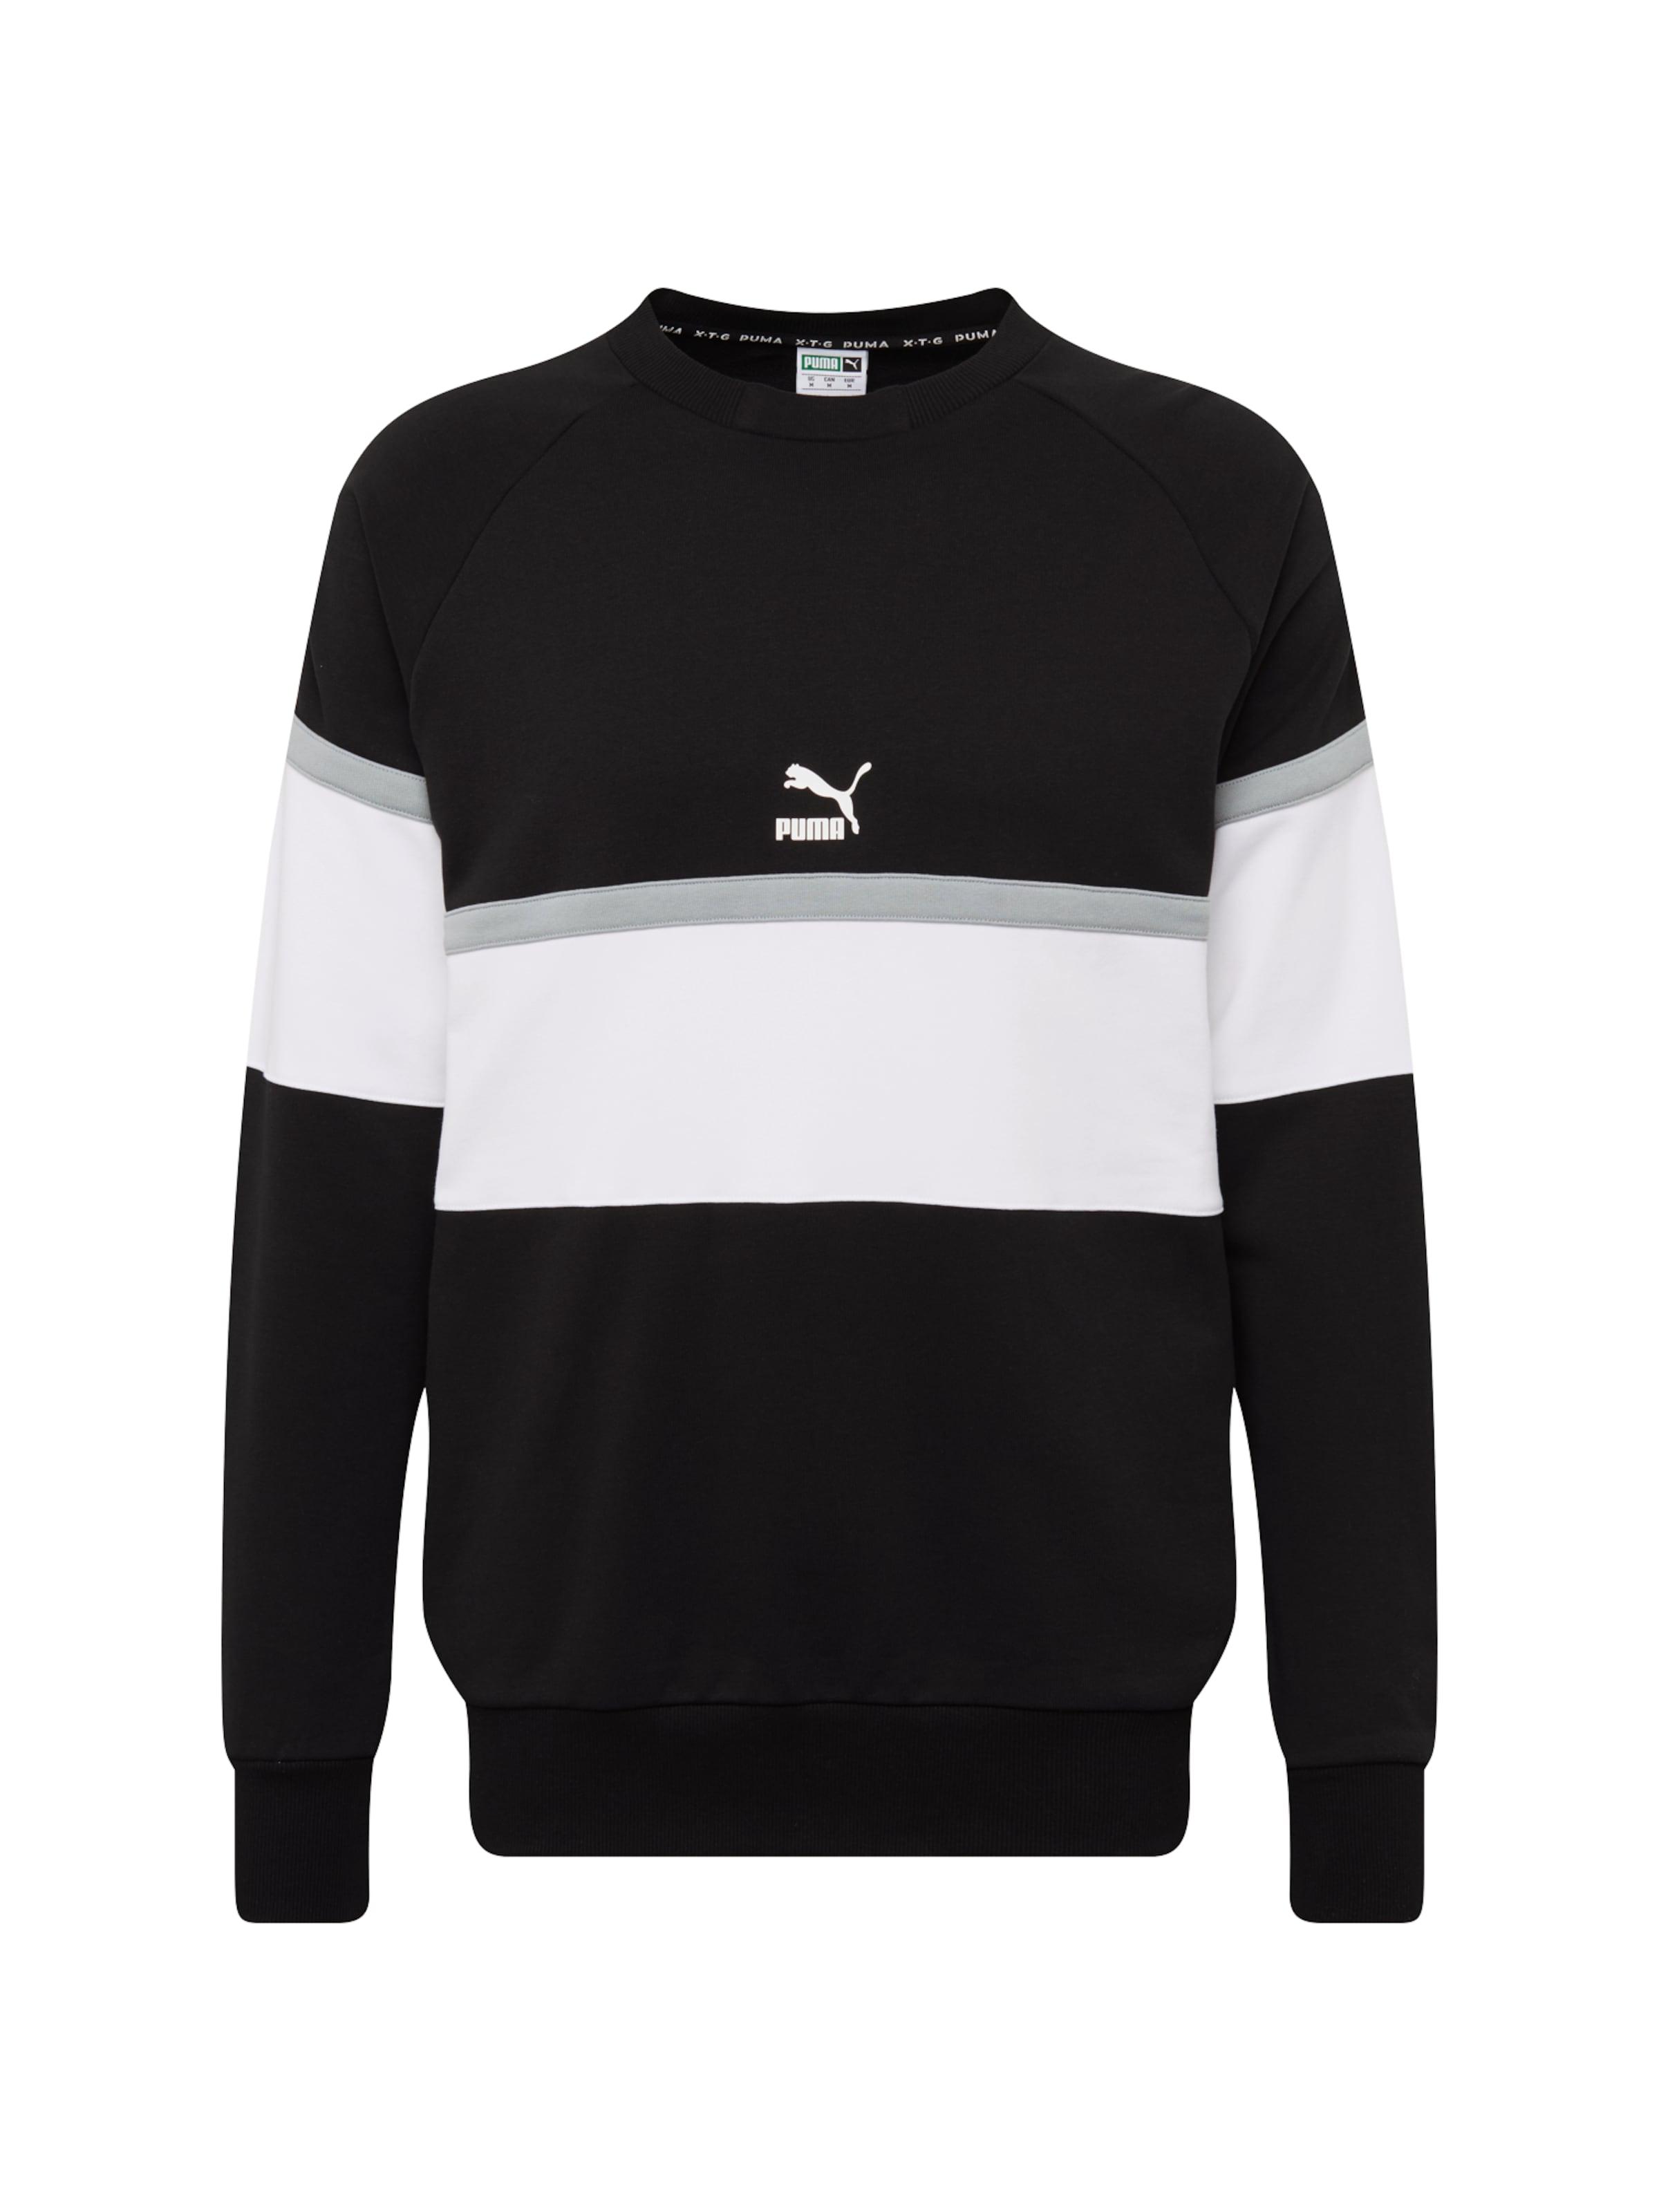 Weiß In Puma Sweatshirt HellgrauSchwarz Puma BeWCxrdo